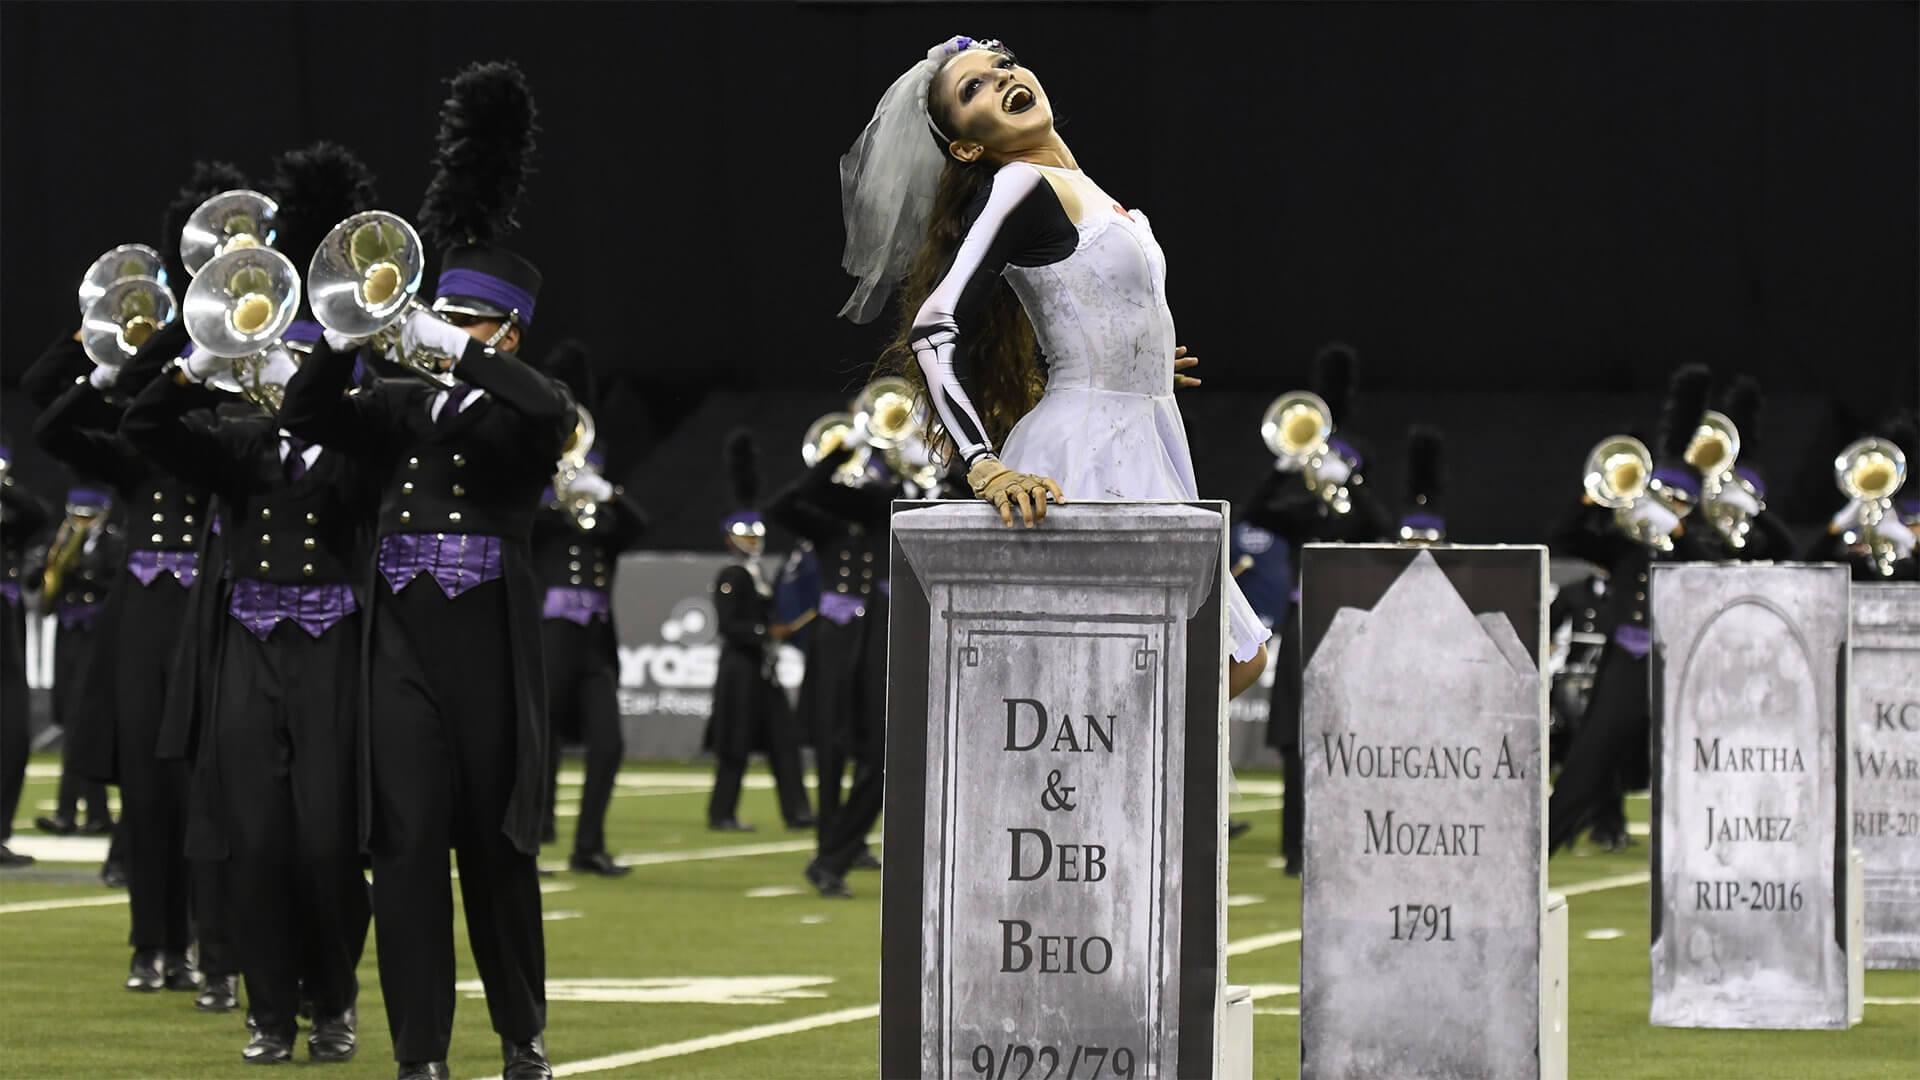 The 'Drum Corpse Bride' graveyard tour